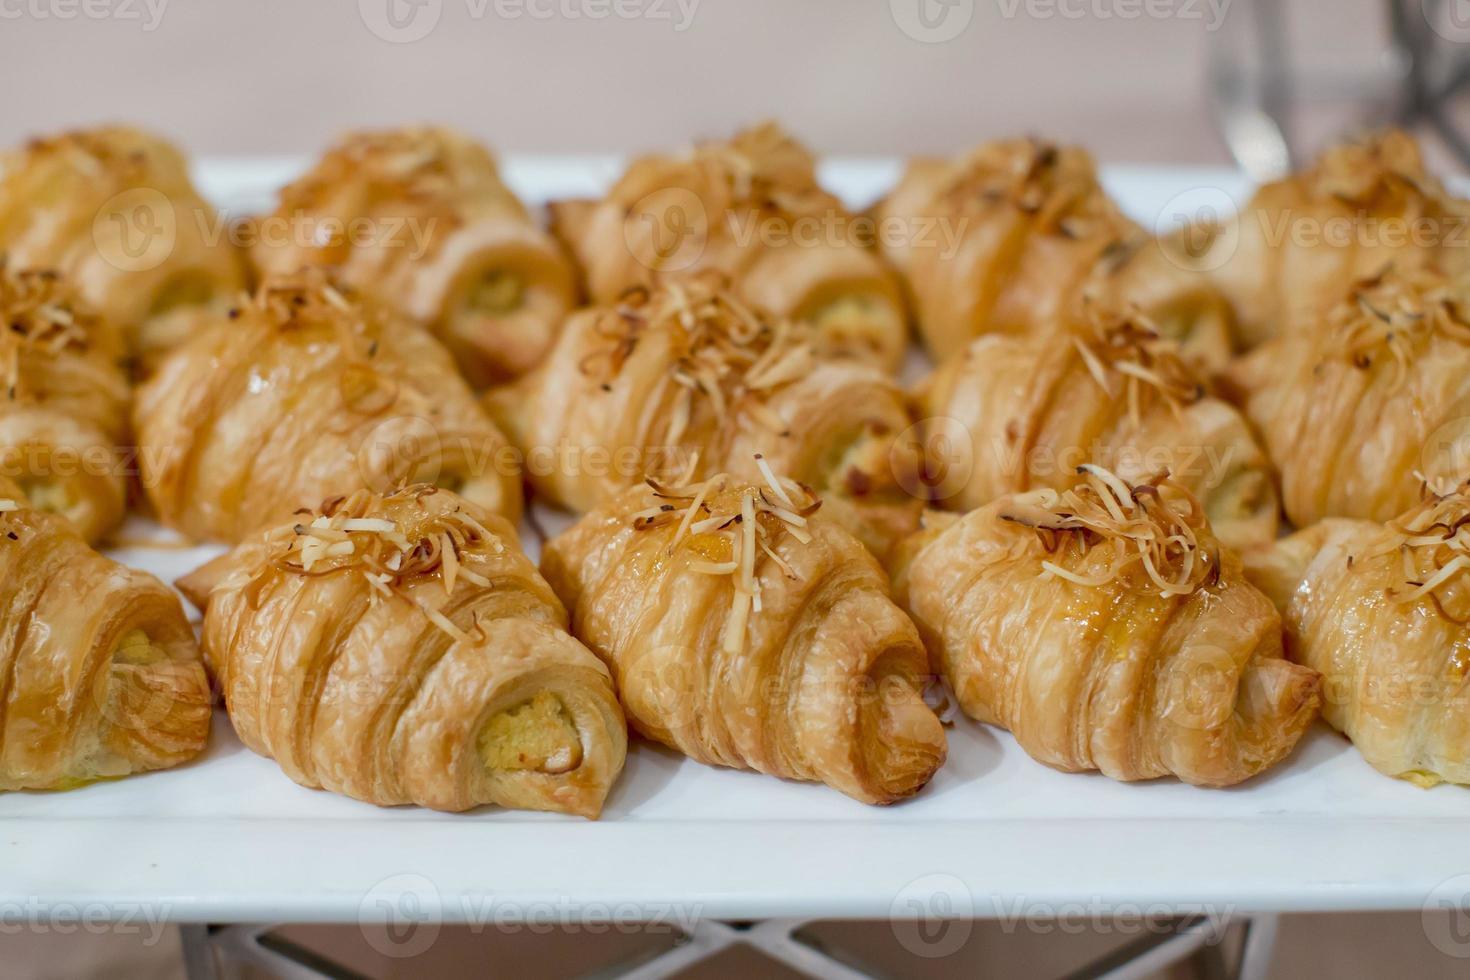 croissants frescos com coco torrado no café da manhã foto